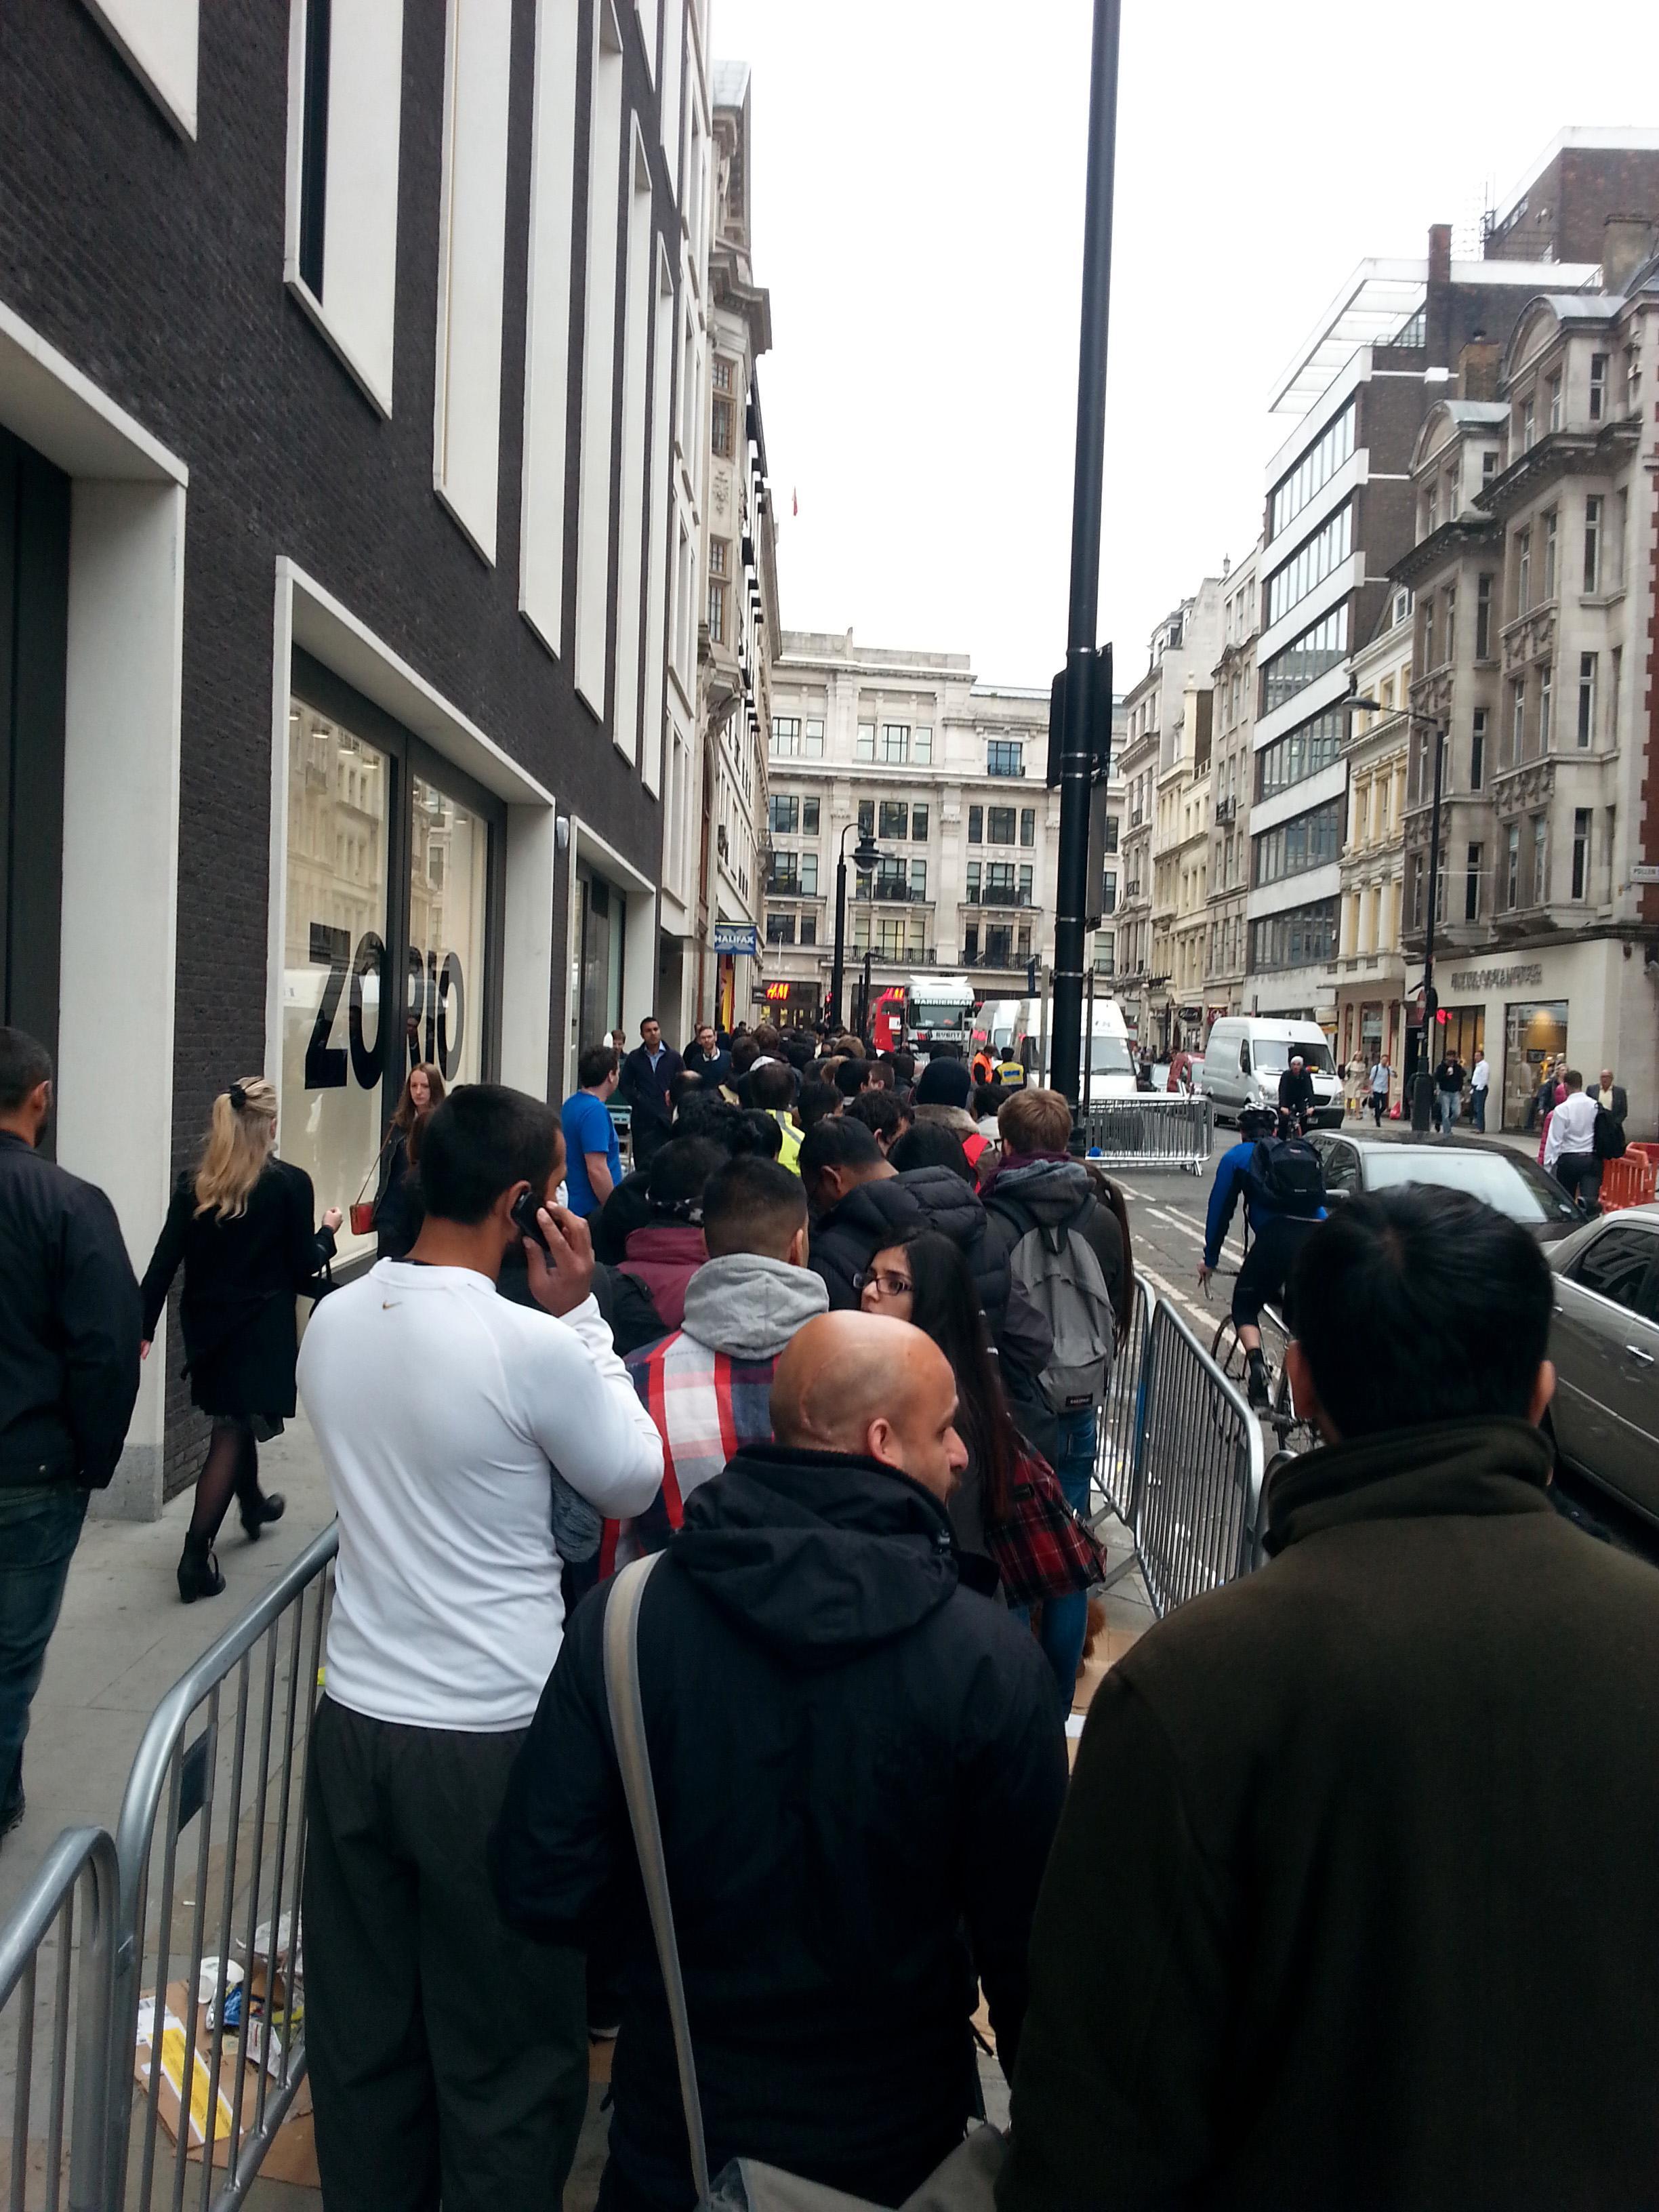 Vi er på plass i køen utenfor Apple Store i London.Foto: Ida Oftebro, Mobilen.no